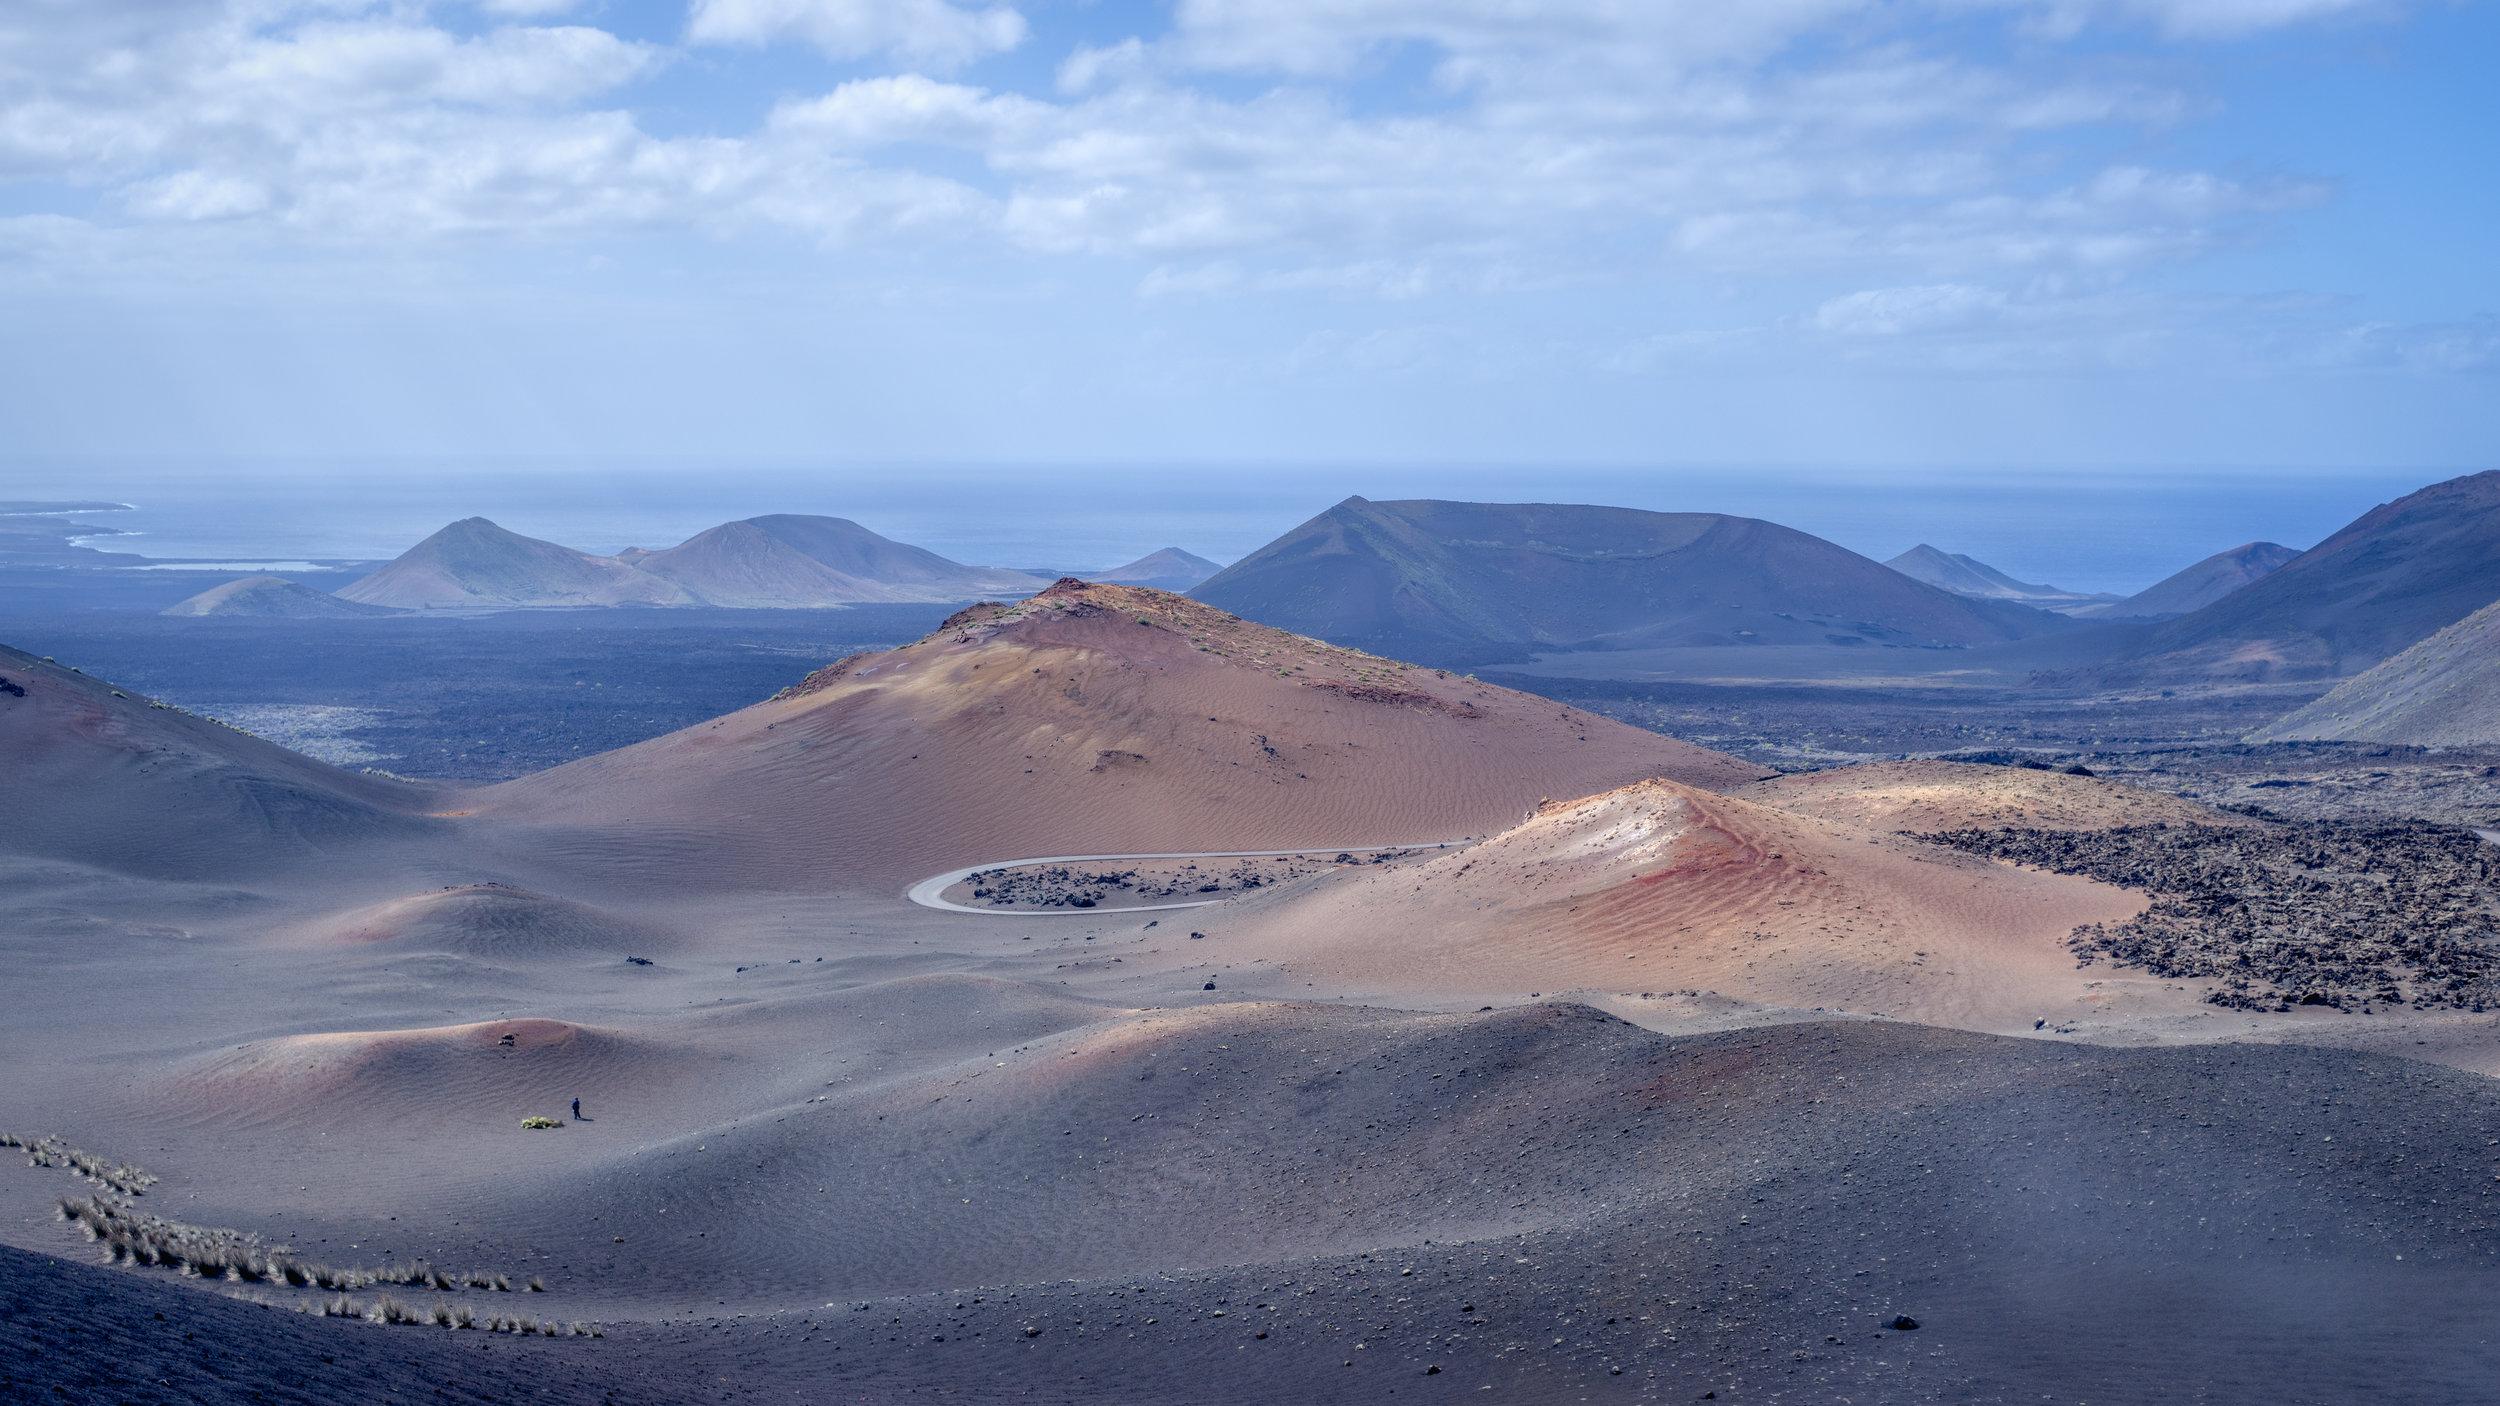 Lanzarote National Park